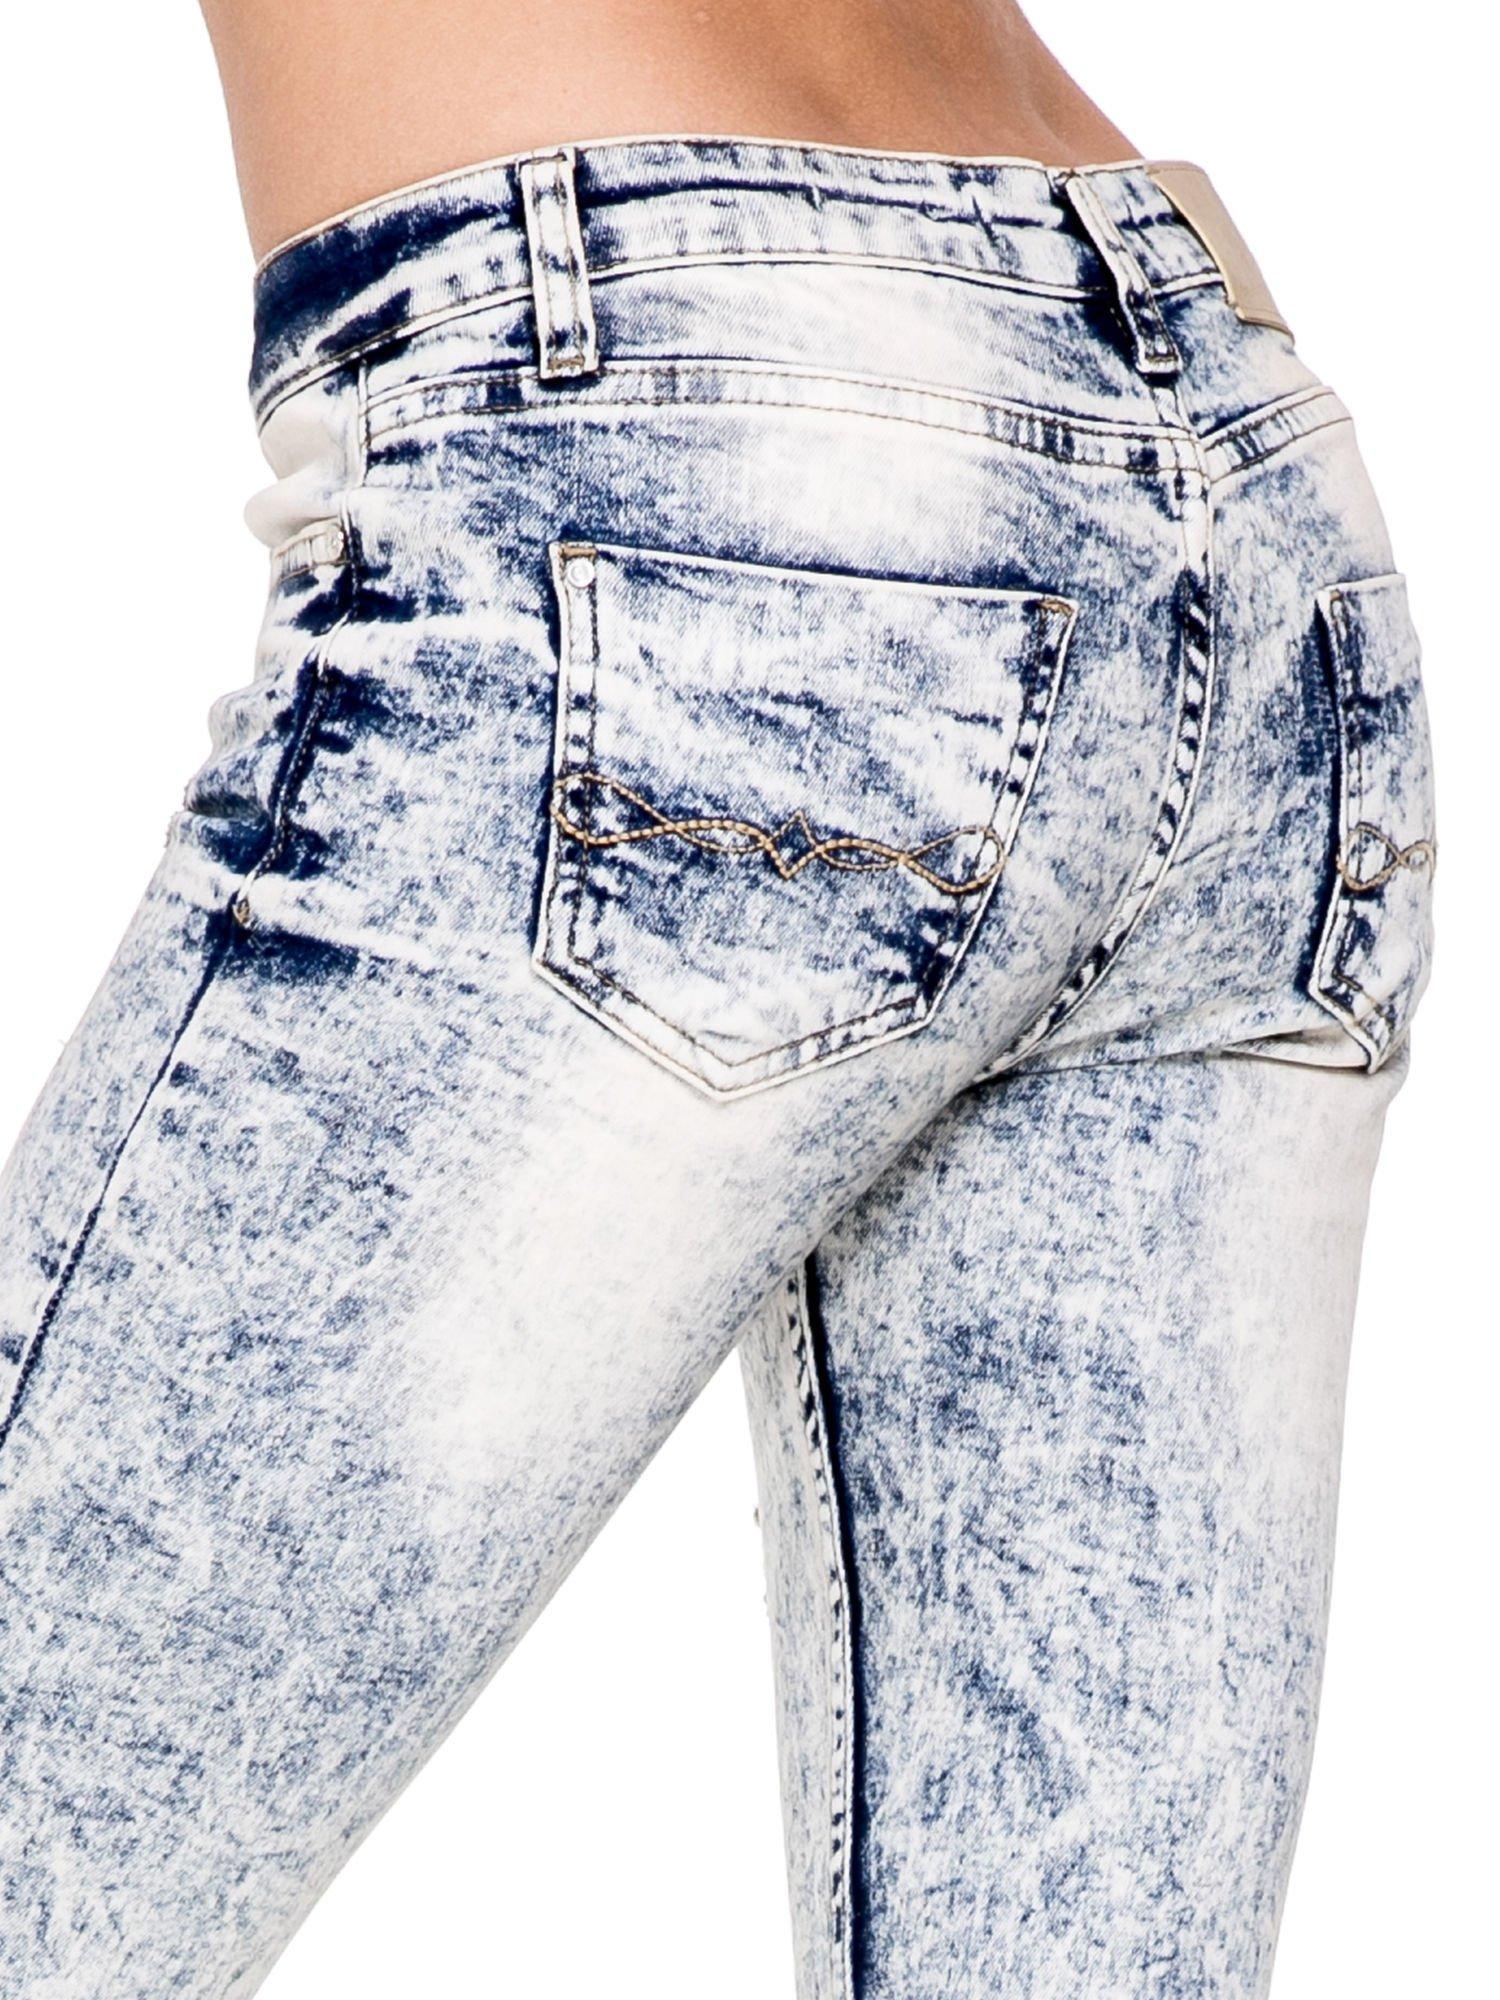 Jasnoniebieskie spodnie skinny jeans z dekatyzowaniem i przetarciami                                  zdj.                                  6